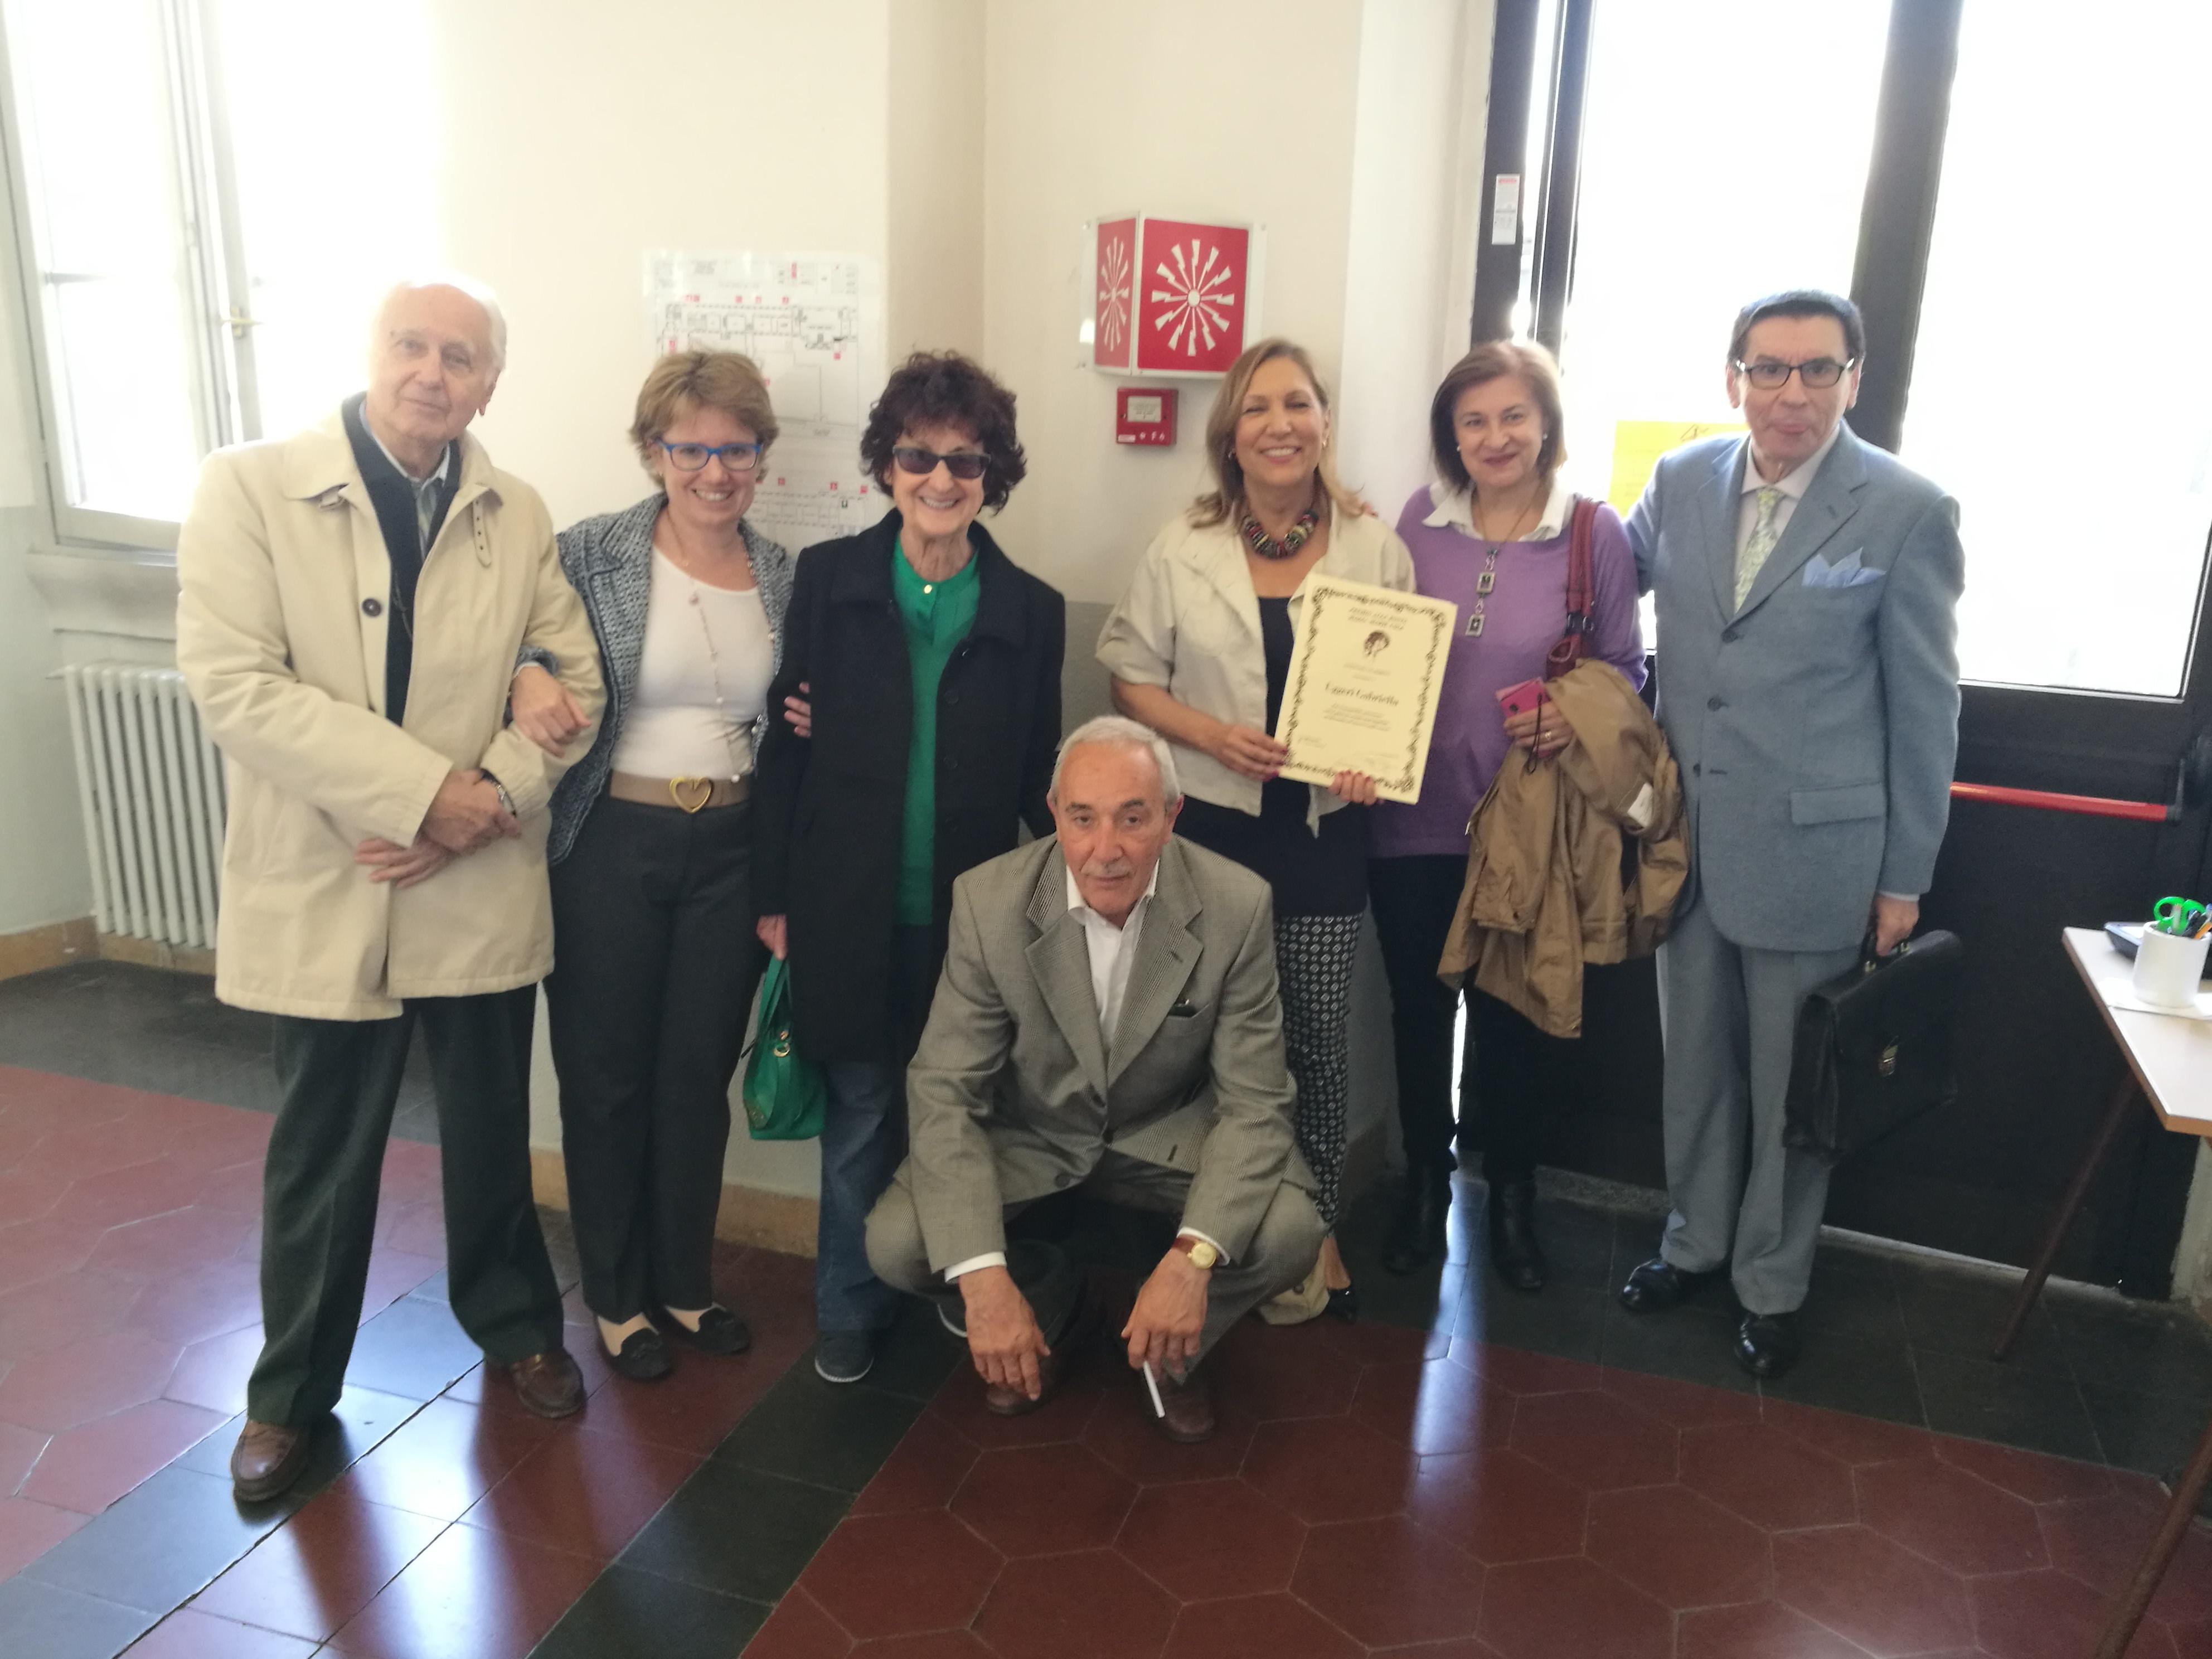 Una foto di gruppo con la Vice Presidente, la premiata Gabriella, la Consigliera Adriana Marini e altri presenti alla premiazione